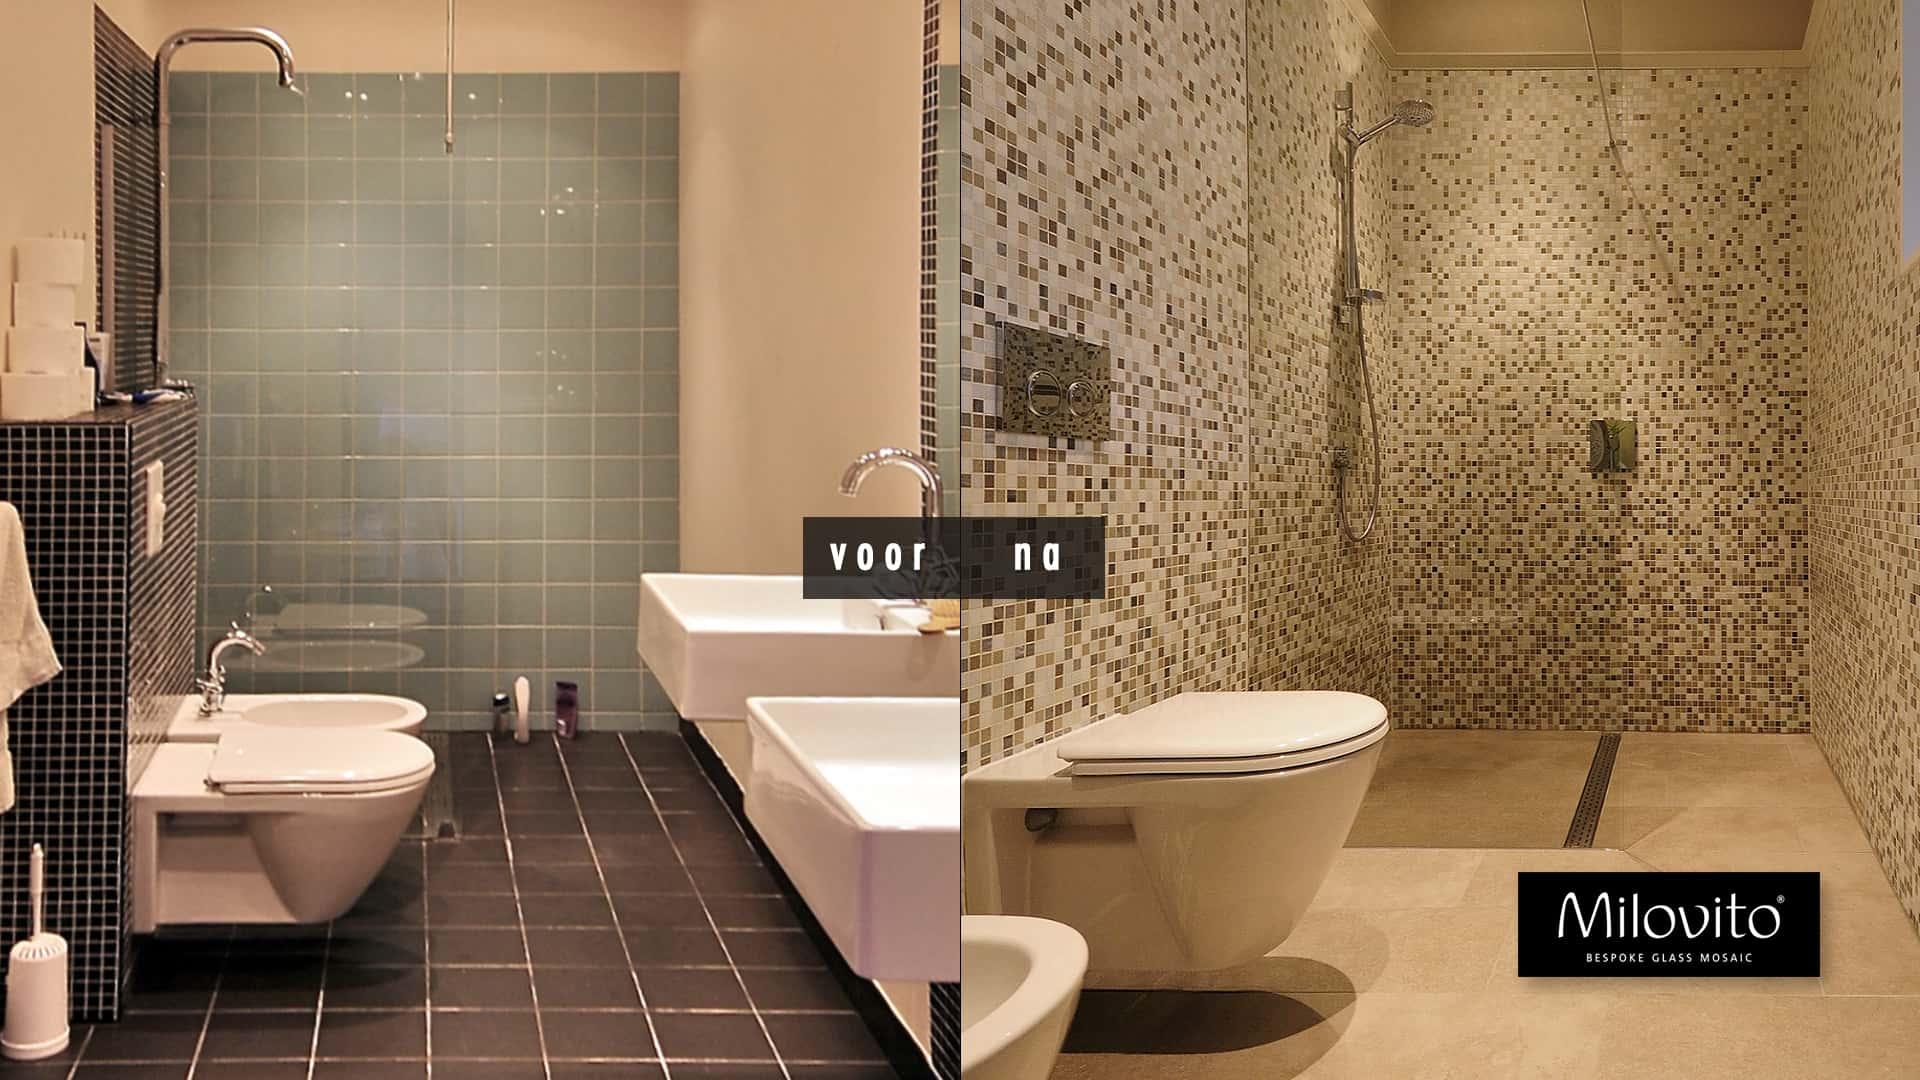 Renovatie Badkamer Tegels : Spectaculaire badkamer renovatie in amsterdam milovito